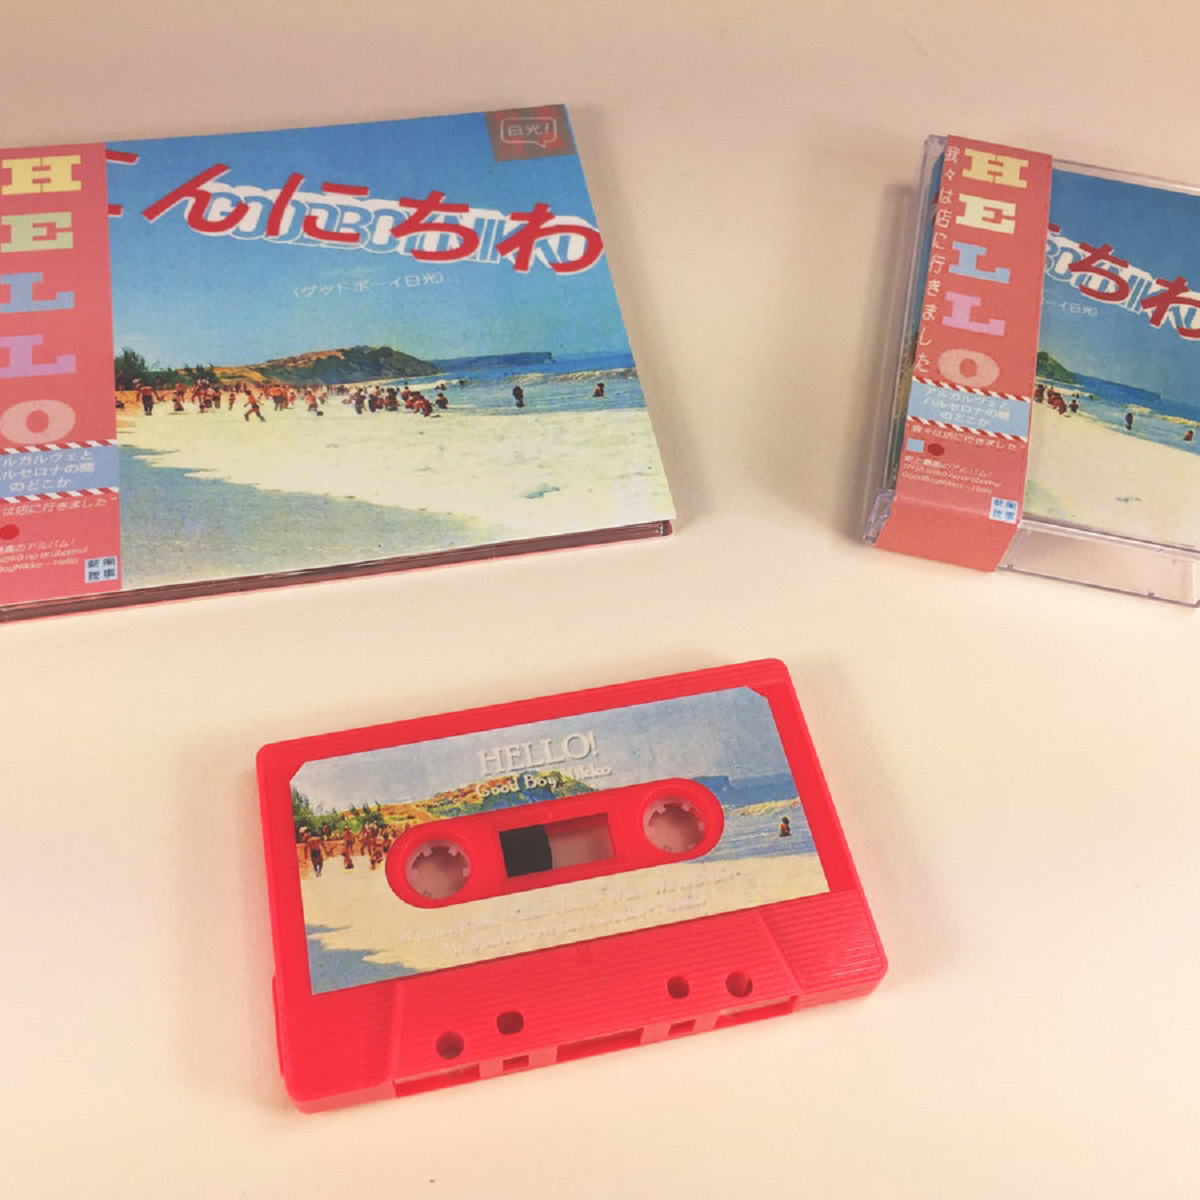 HELLO! – Compact Disc + Cassette Bundle.